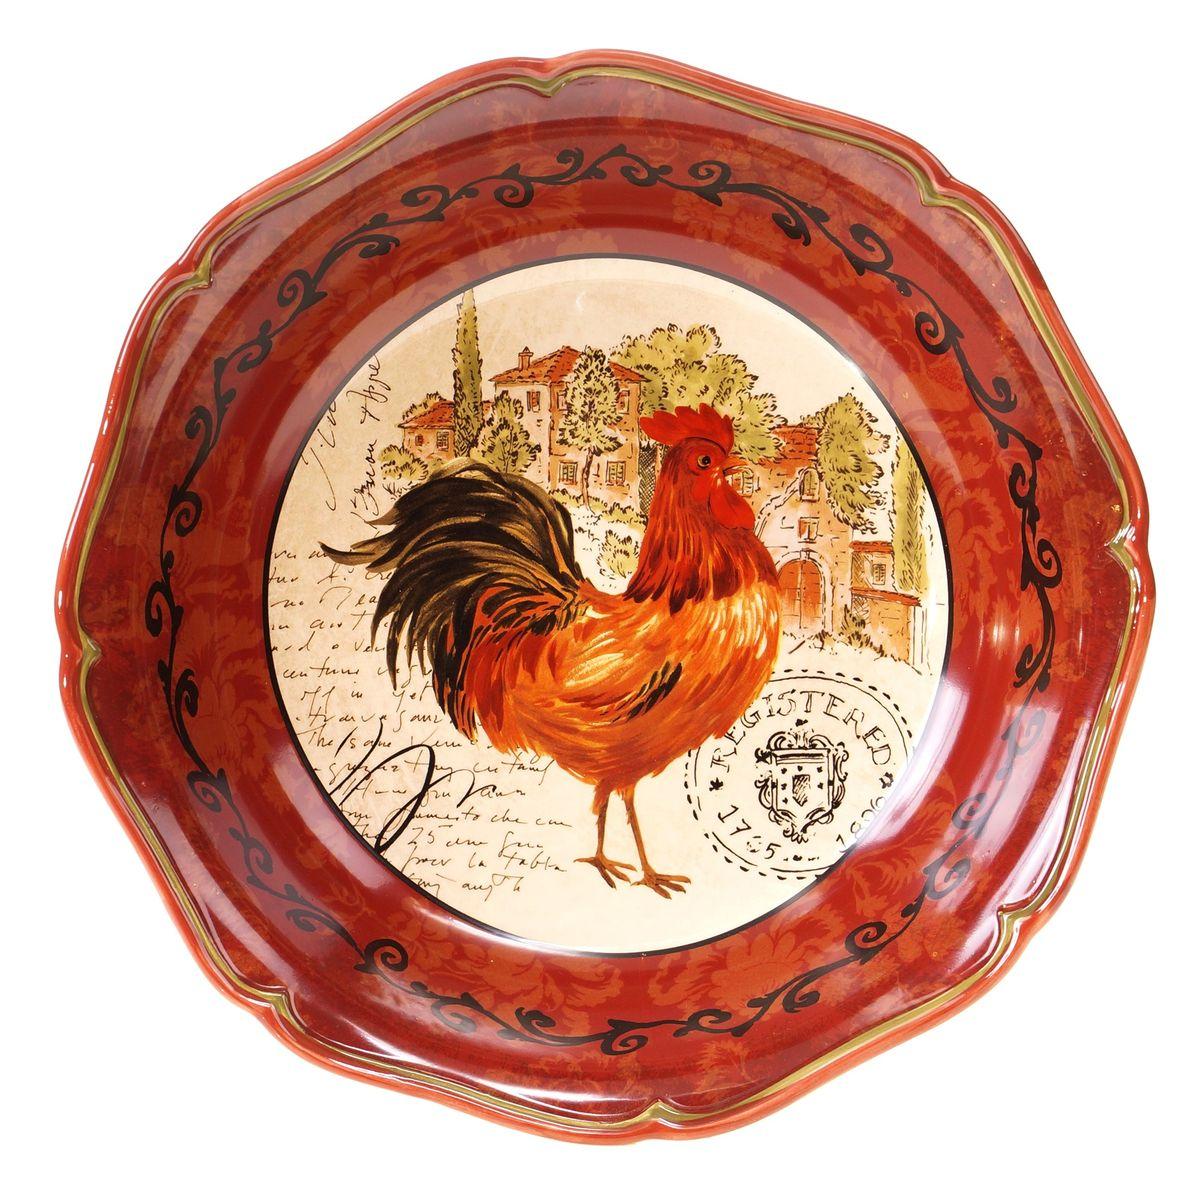 """Блюдо Certified International """"Тосканский петух"""", изготовленное из керамики, отлично подойдет для красивой сервировки различных блюд. Изделие придется по вкусу и ценителям классики, и тем, кто предпочитает утонченность и изысканность.Блюдо Certified International """"Тосканский петух"""" идеально подойдет для сервировки стола и станет отличным подарком к любому празднику.Диаметр по верхнему краю: 33 см."""